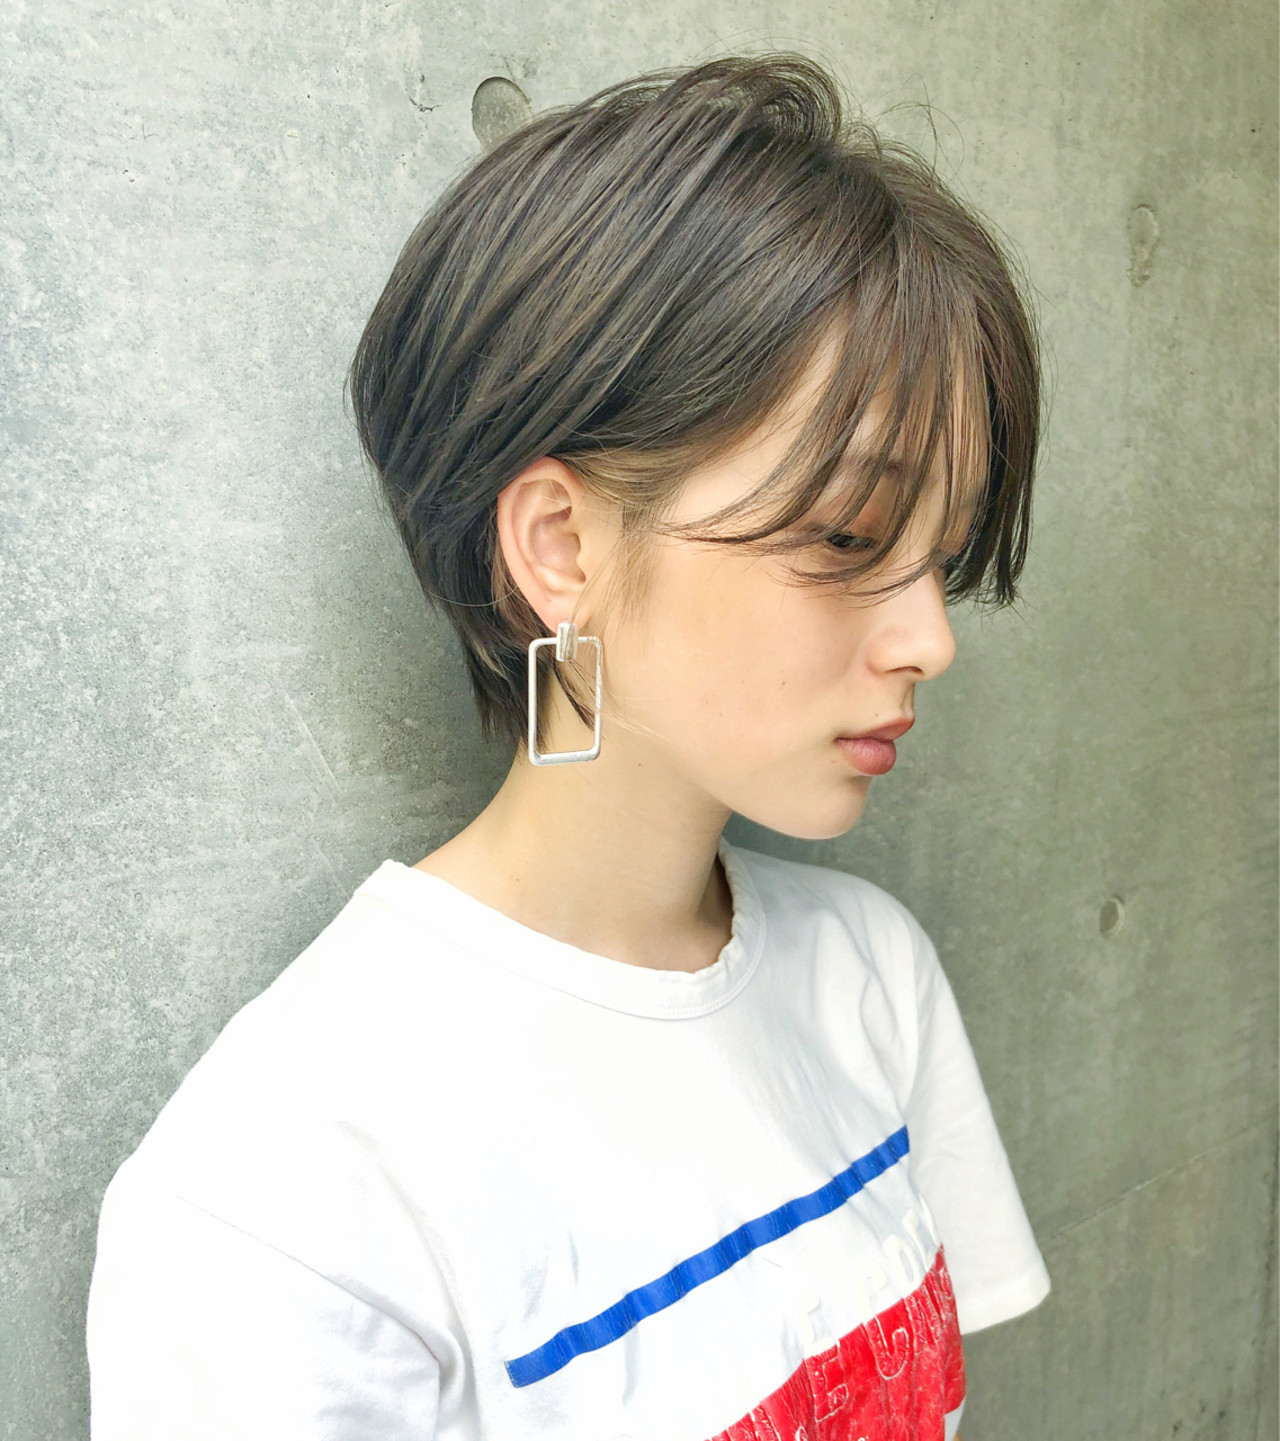 ヘアアイロンでの巻き方間違ってない?適正温度できれいな巻き髪に。の11枚目の画像